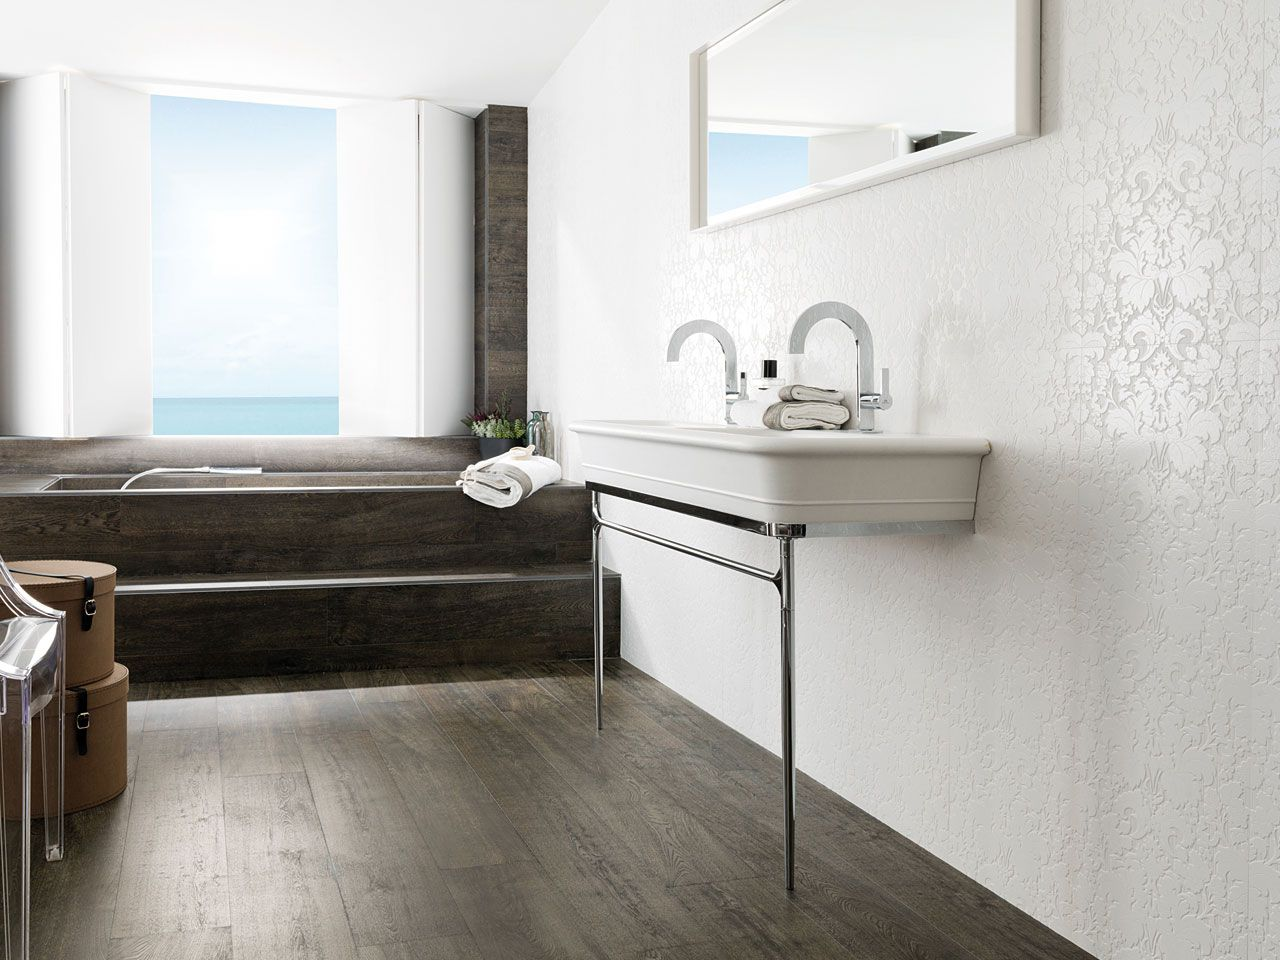 carreaux c ramiques pour les murs porcelanosa sdb b. Black Bedroom Furniture Sets. Home Design Ideas